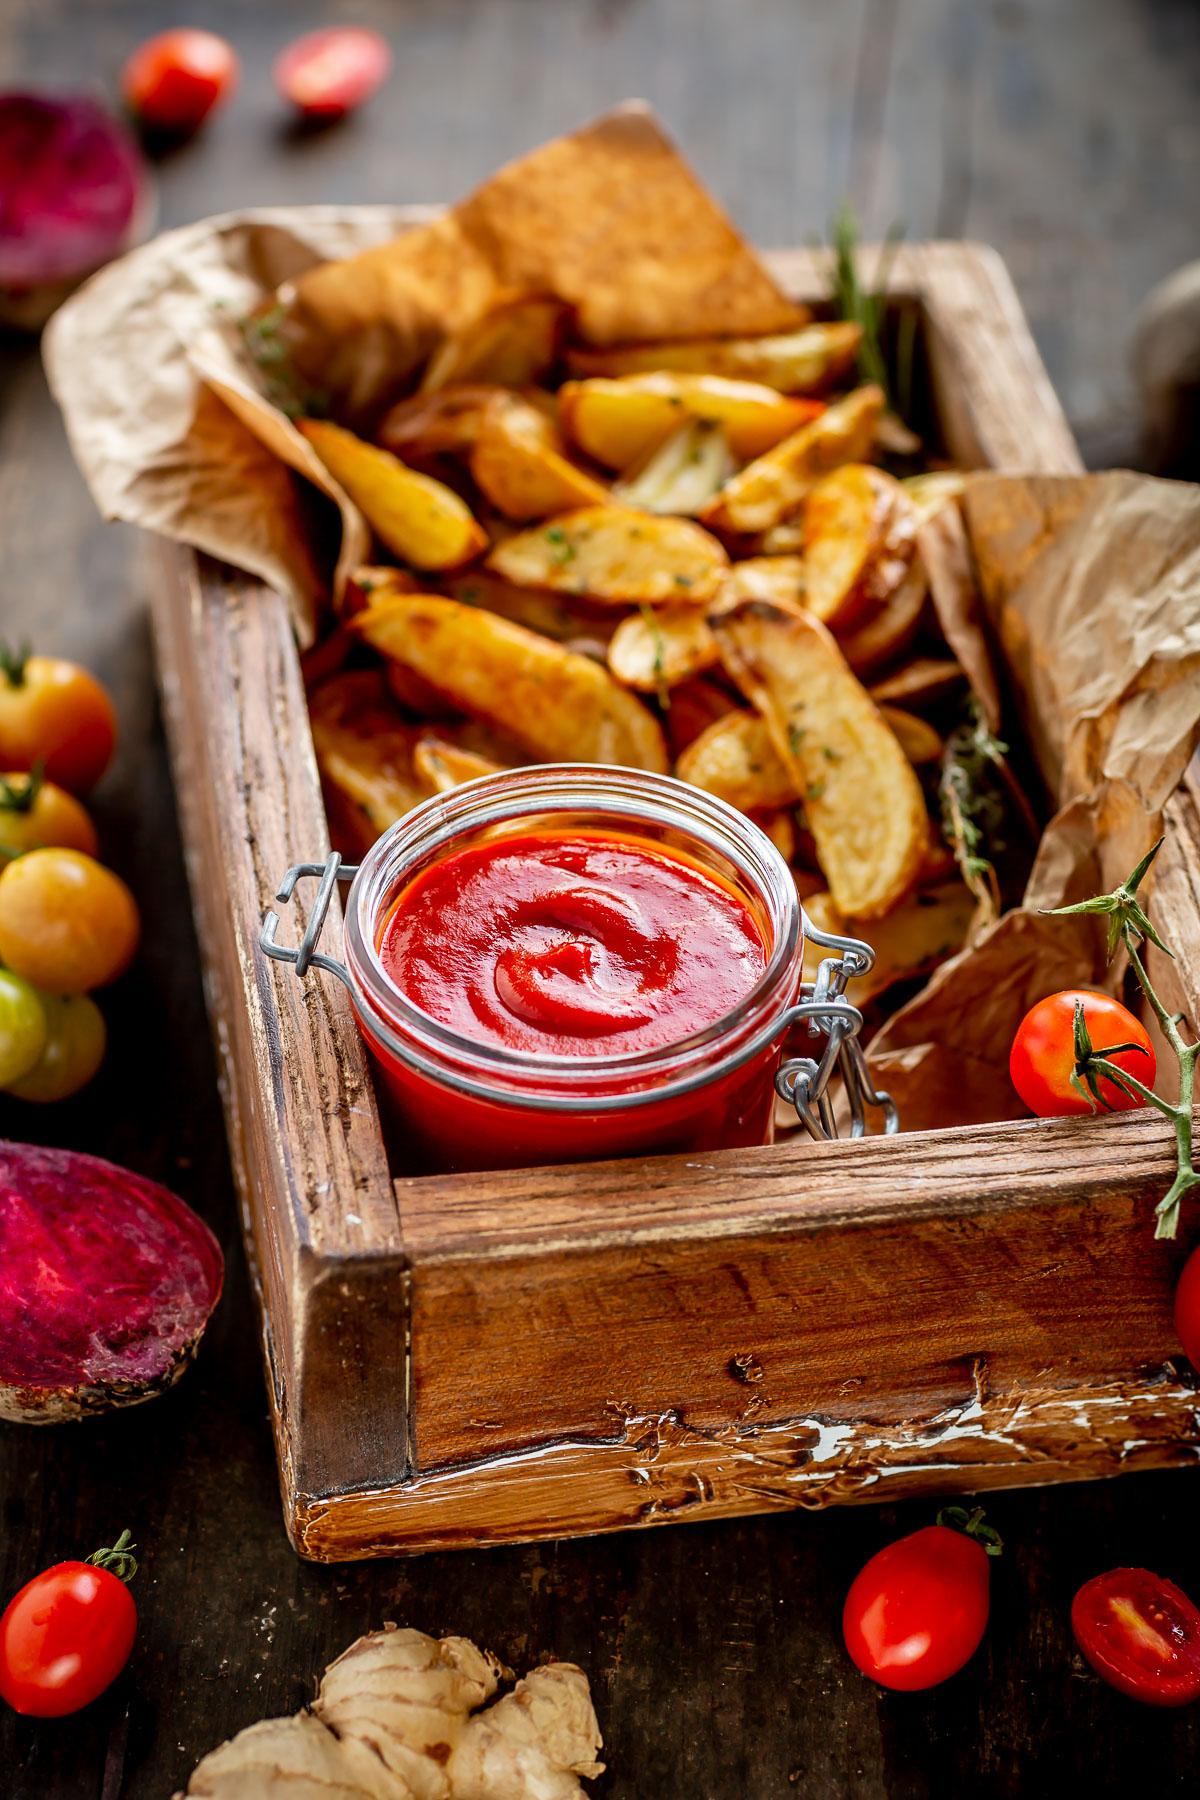 healthy VEGAN homemade tomato BEET KETCHUP recipe refined sugar free ricetta KETCHUP fatto in casa alla BARBABIETOLA sano vegan senza glutine senza zucchero raffinato